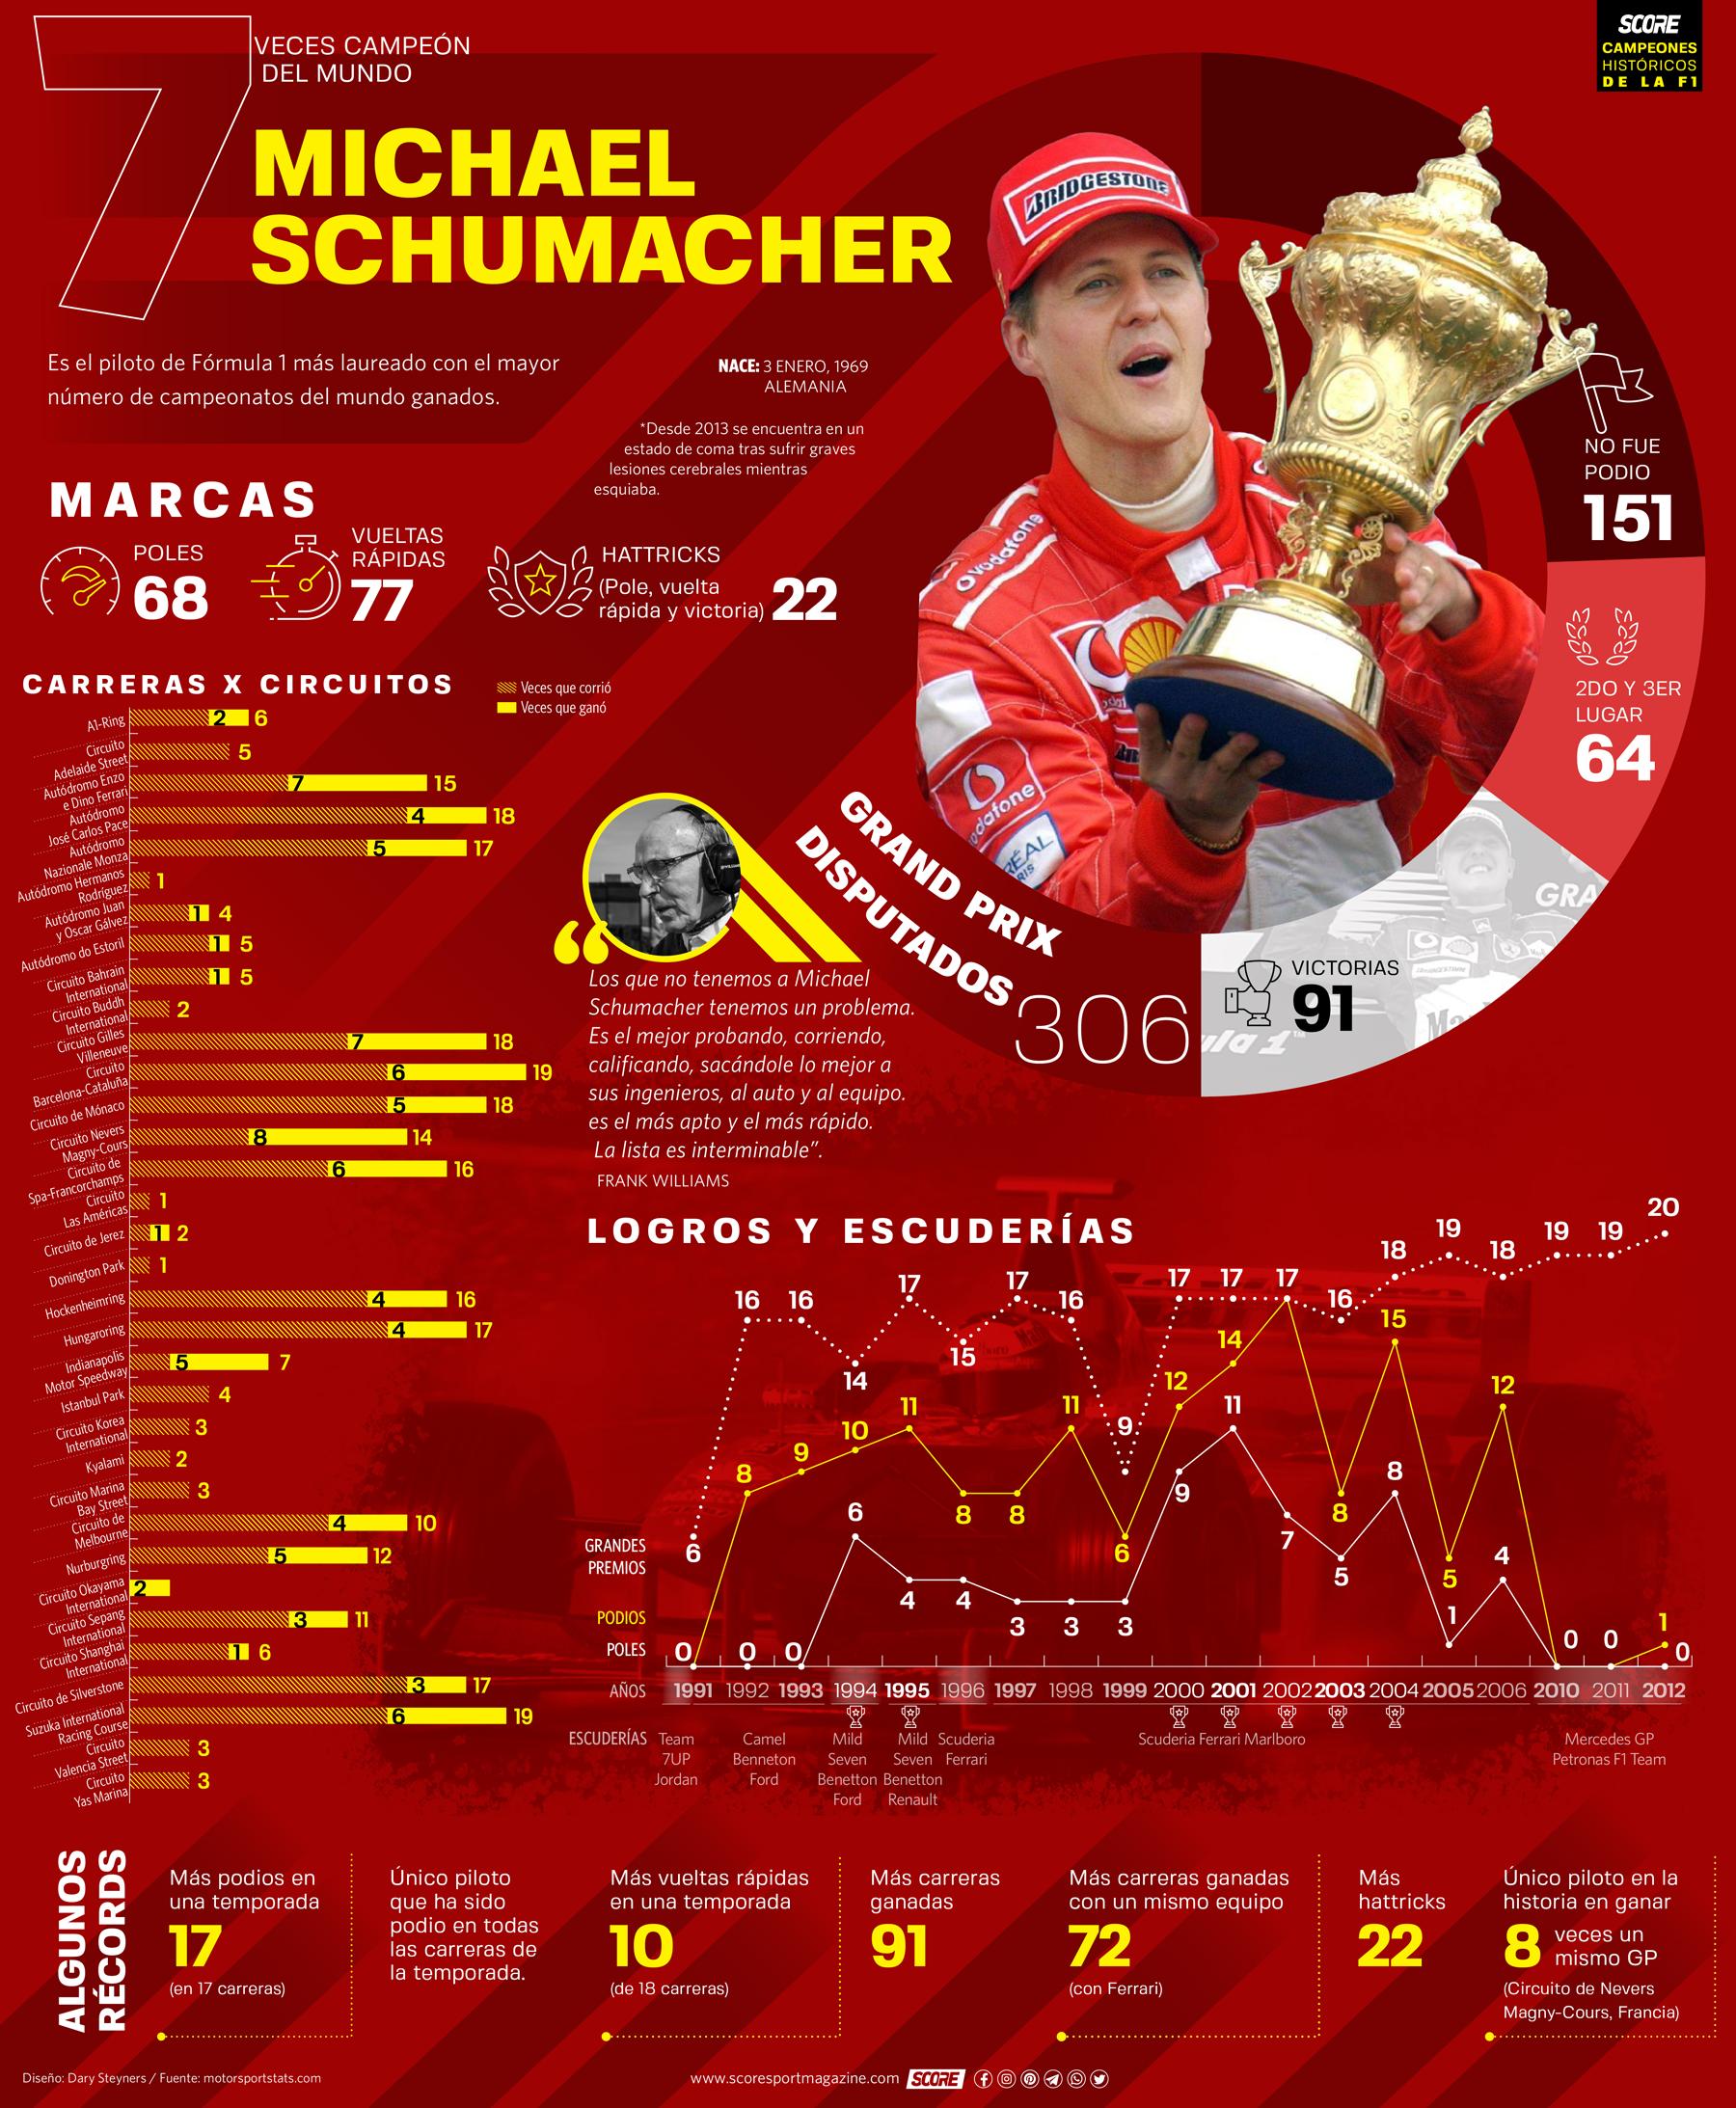 Michael Schumacher-Serie de infografías de Campeones Históricos de la Fórmula 1